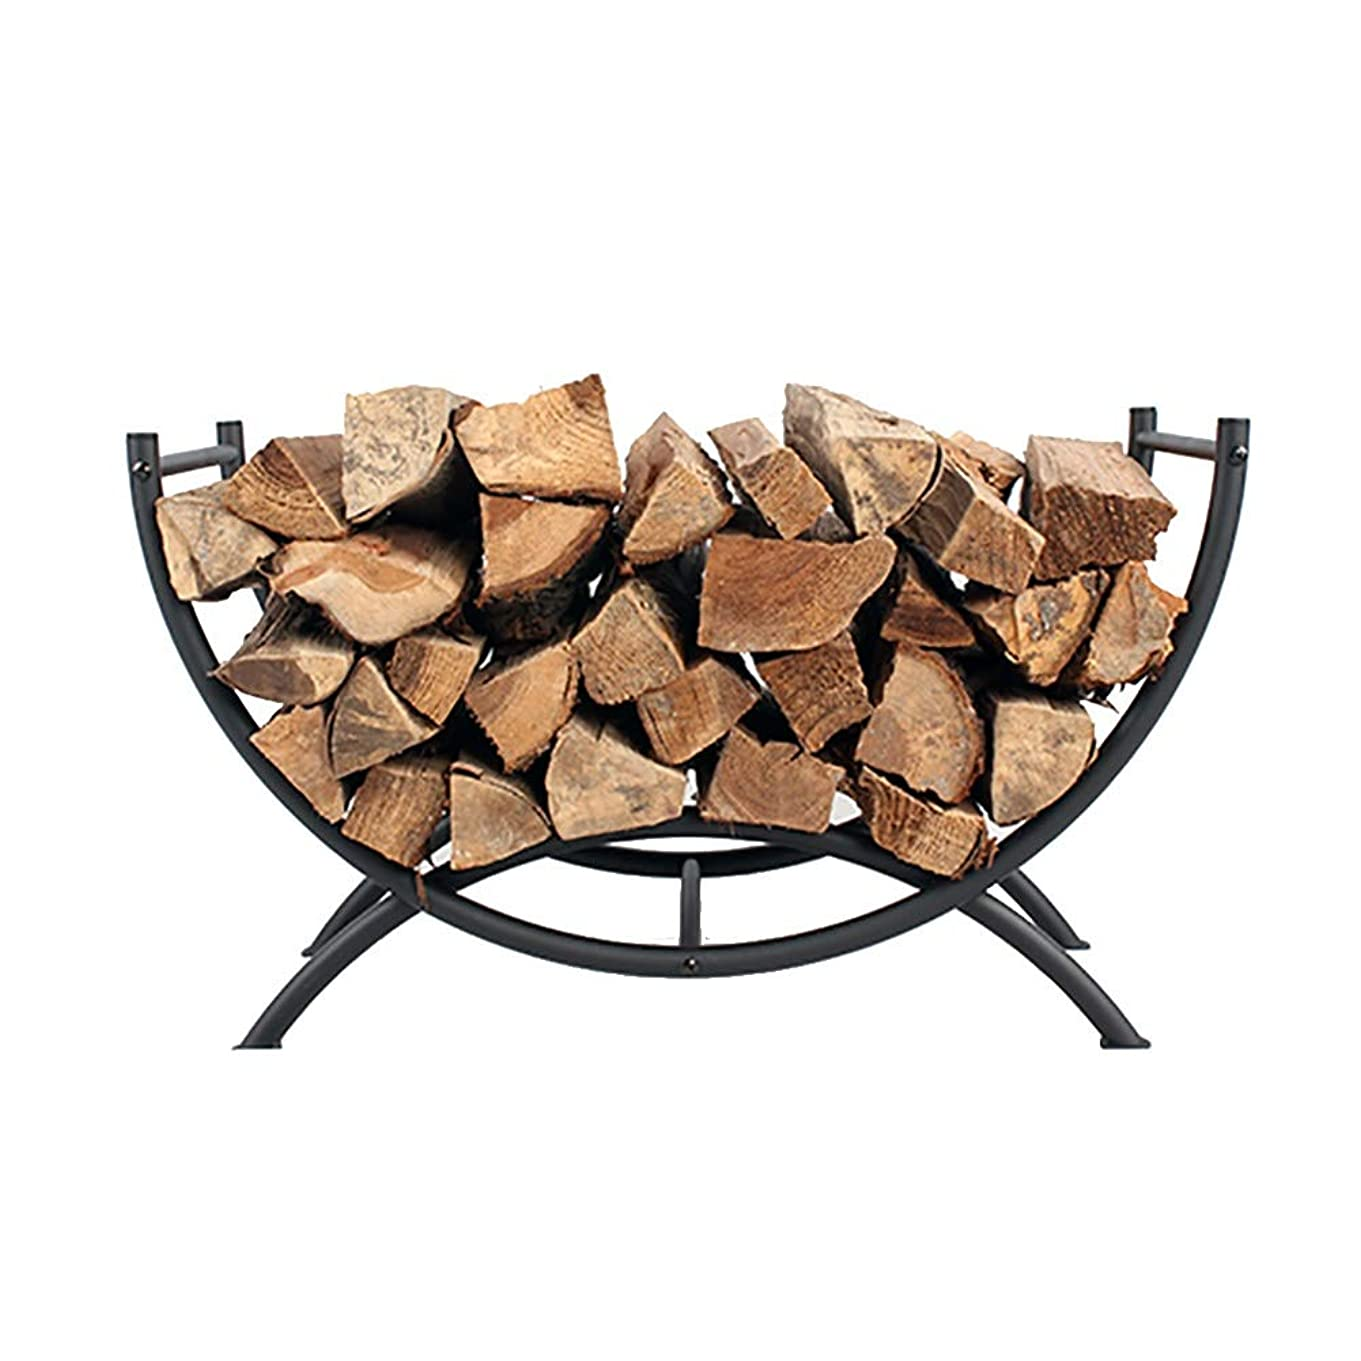 氷悲しい描写薪ラック MYL 15.2インチ背の高い薪ログは、湾曲し、屋内屋外の裏庭暖炉、ブラックのための薪ストレージログホルダーラック